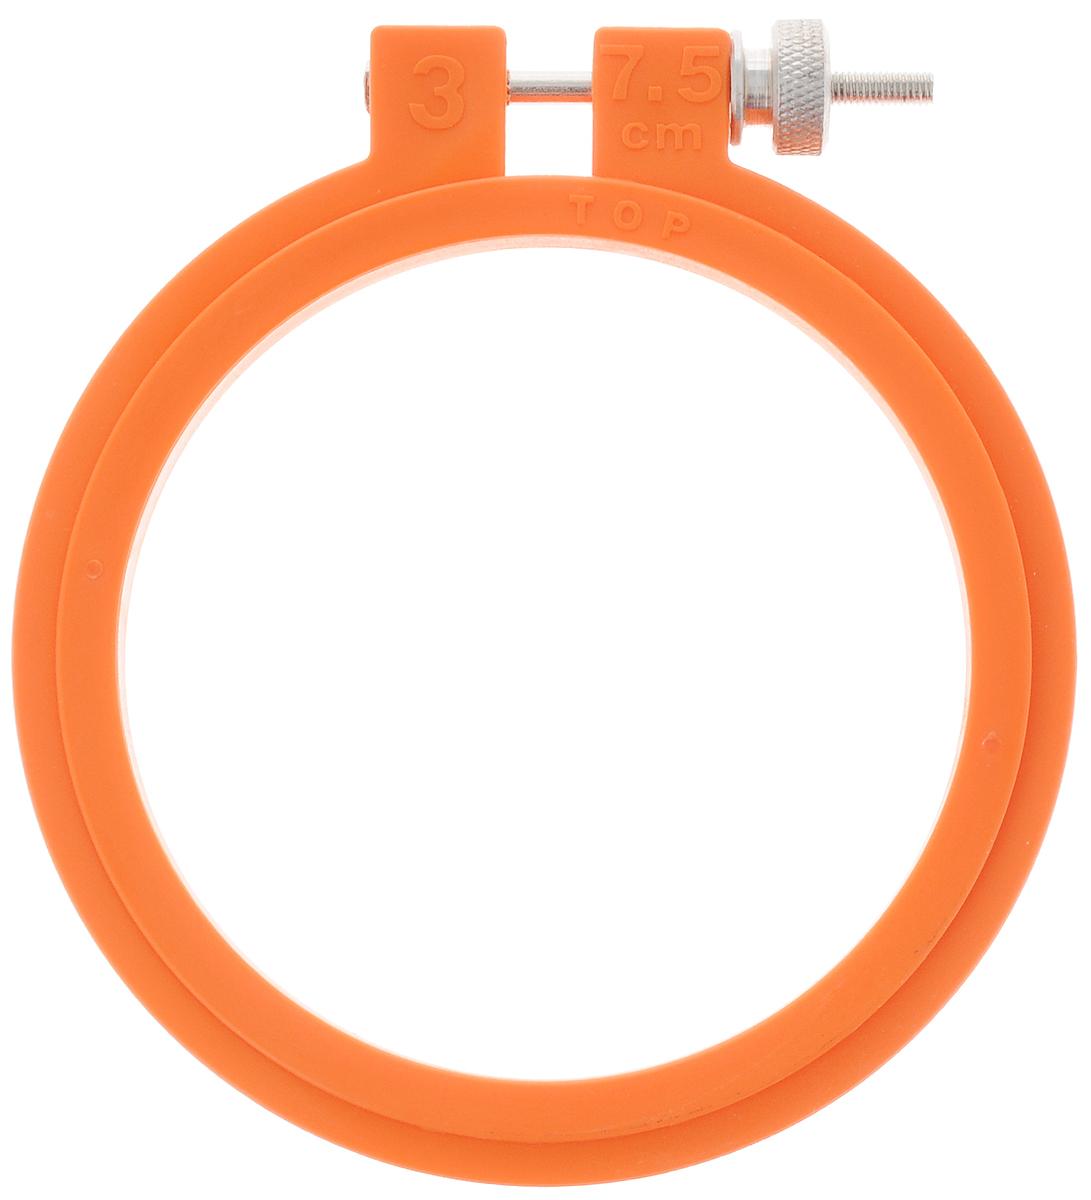 Пяльцы для вышивания Pony, цвет: оранжевый, диаметр 7,5 см87801_оранжевыйПяльцы для вышивания Pony, изготовленные из прочного пластика, просто незаменимы для вышивки. Их основное назначение - держать материал в натянутом состоянии. Круглые пяльцы обычно используют в том случае, если размер вышивки небольшой. С помощью винта можно регулировать натяжение ткани в зависимости от ее плотности. Работа, сделанная своими руками, создаст особый уют и атмосферу в доме и долгие годы будет радовать вас и ваших близких. А подарок, выполненный собственноручно, станет самым ценным для друзей и знакомых.